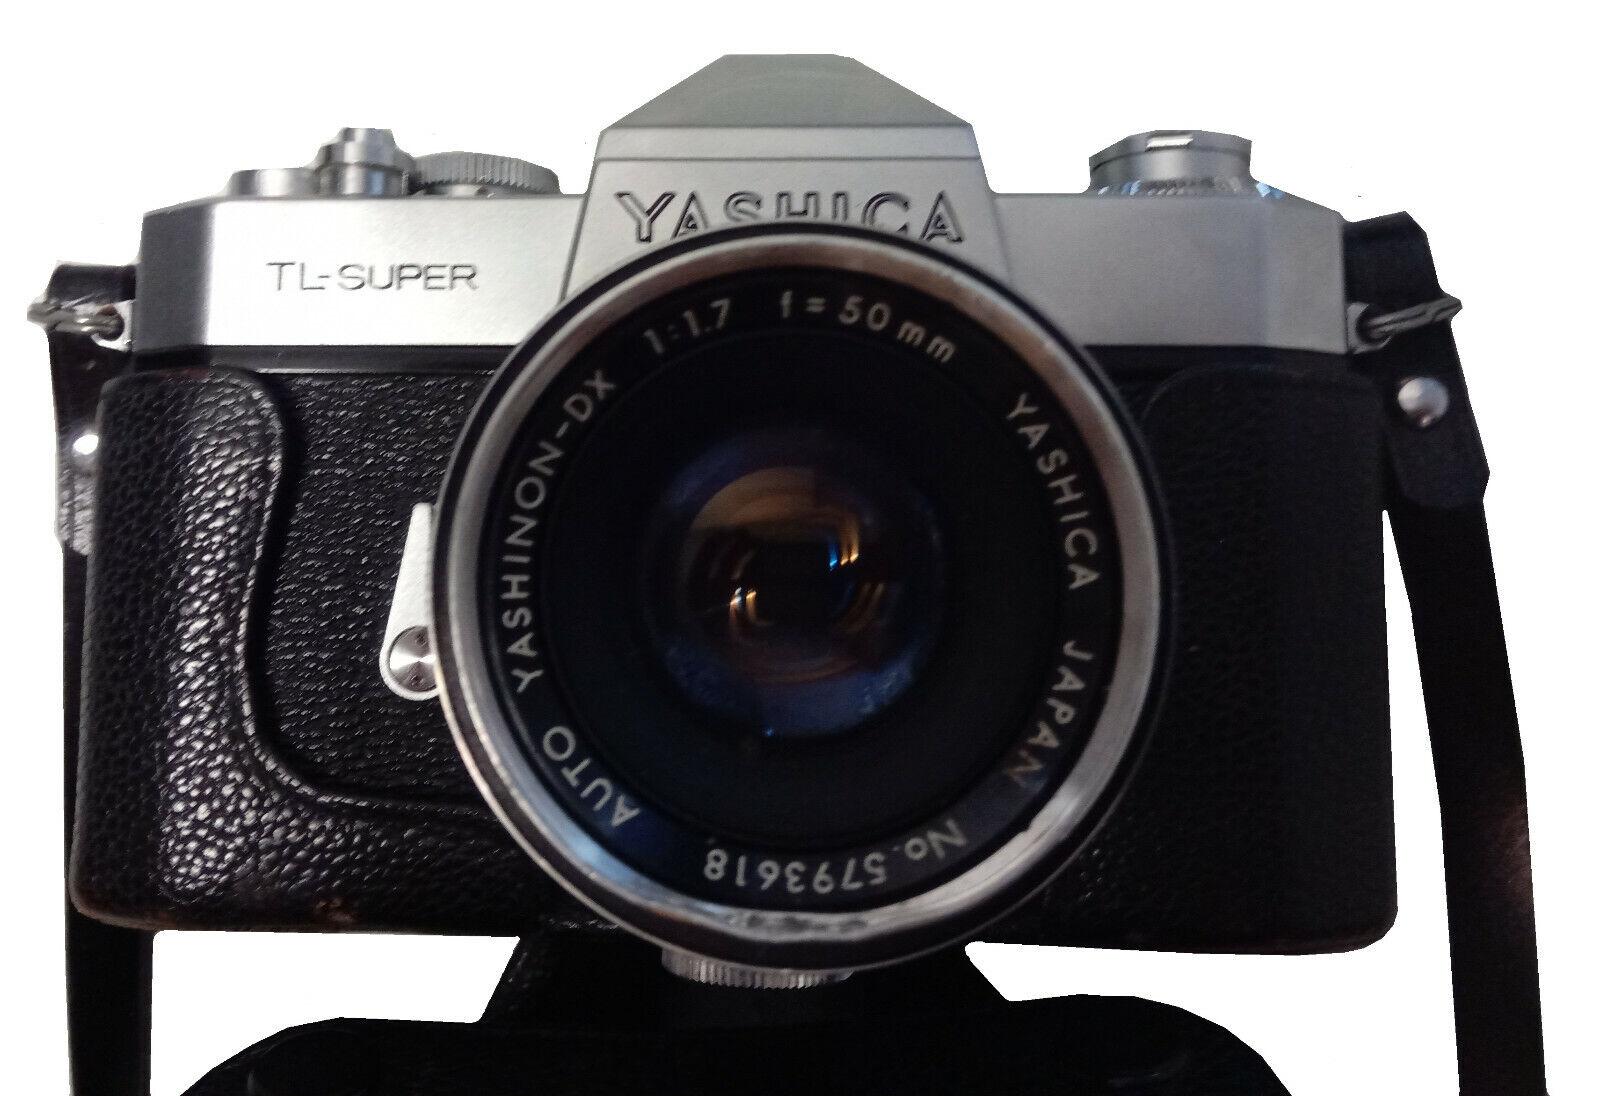 Yashica TL-Super mit Objektiv und Ledertasche